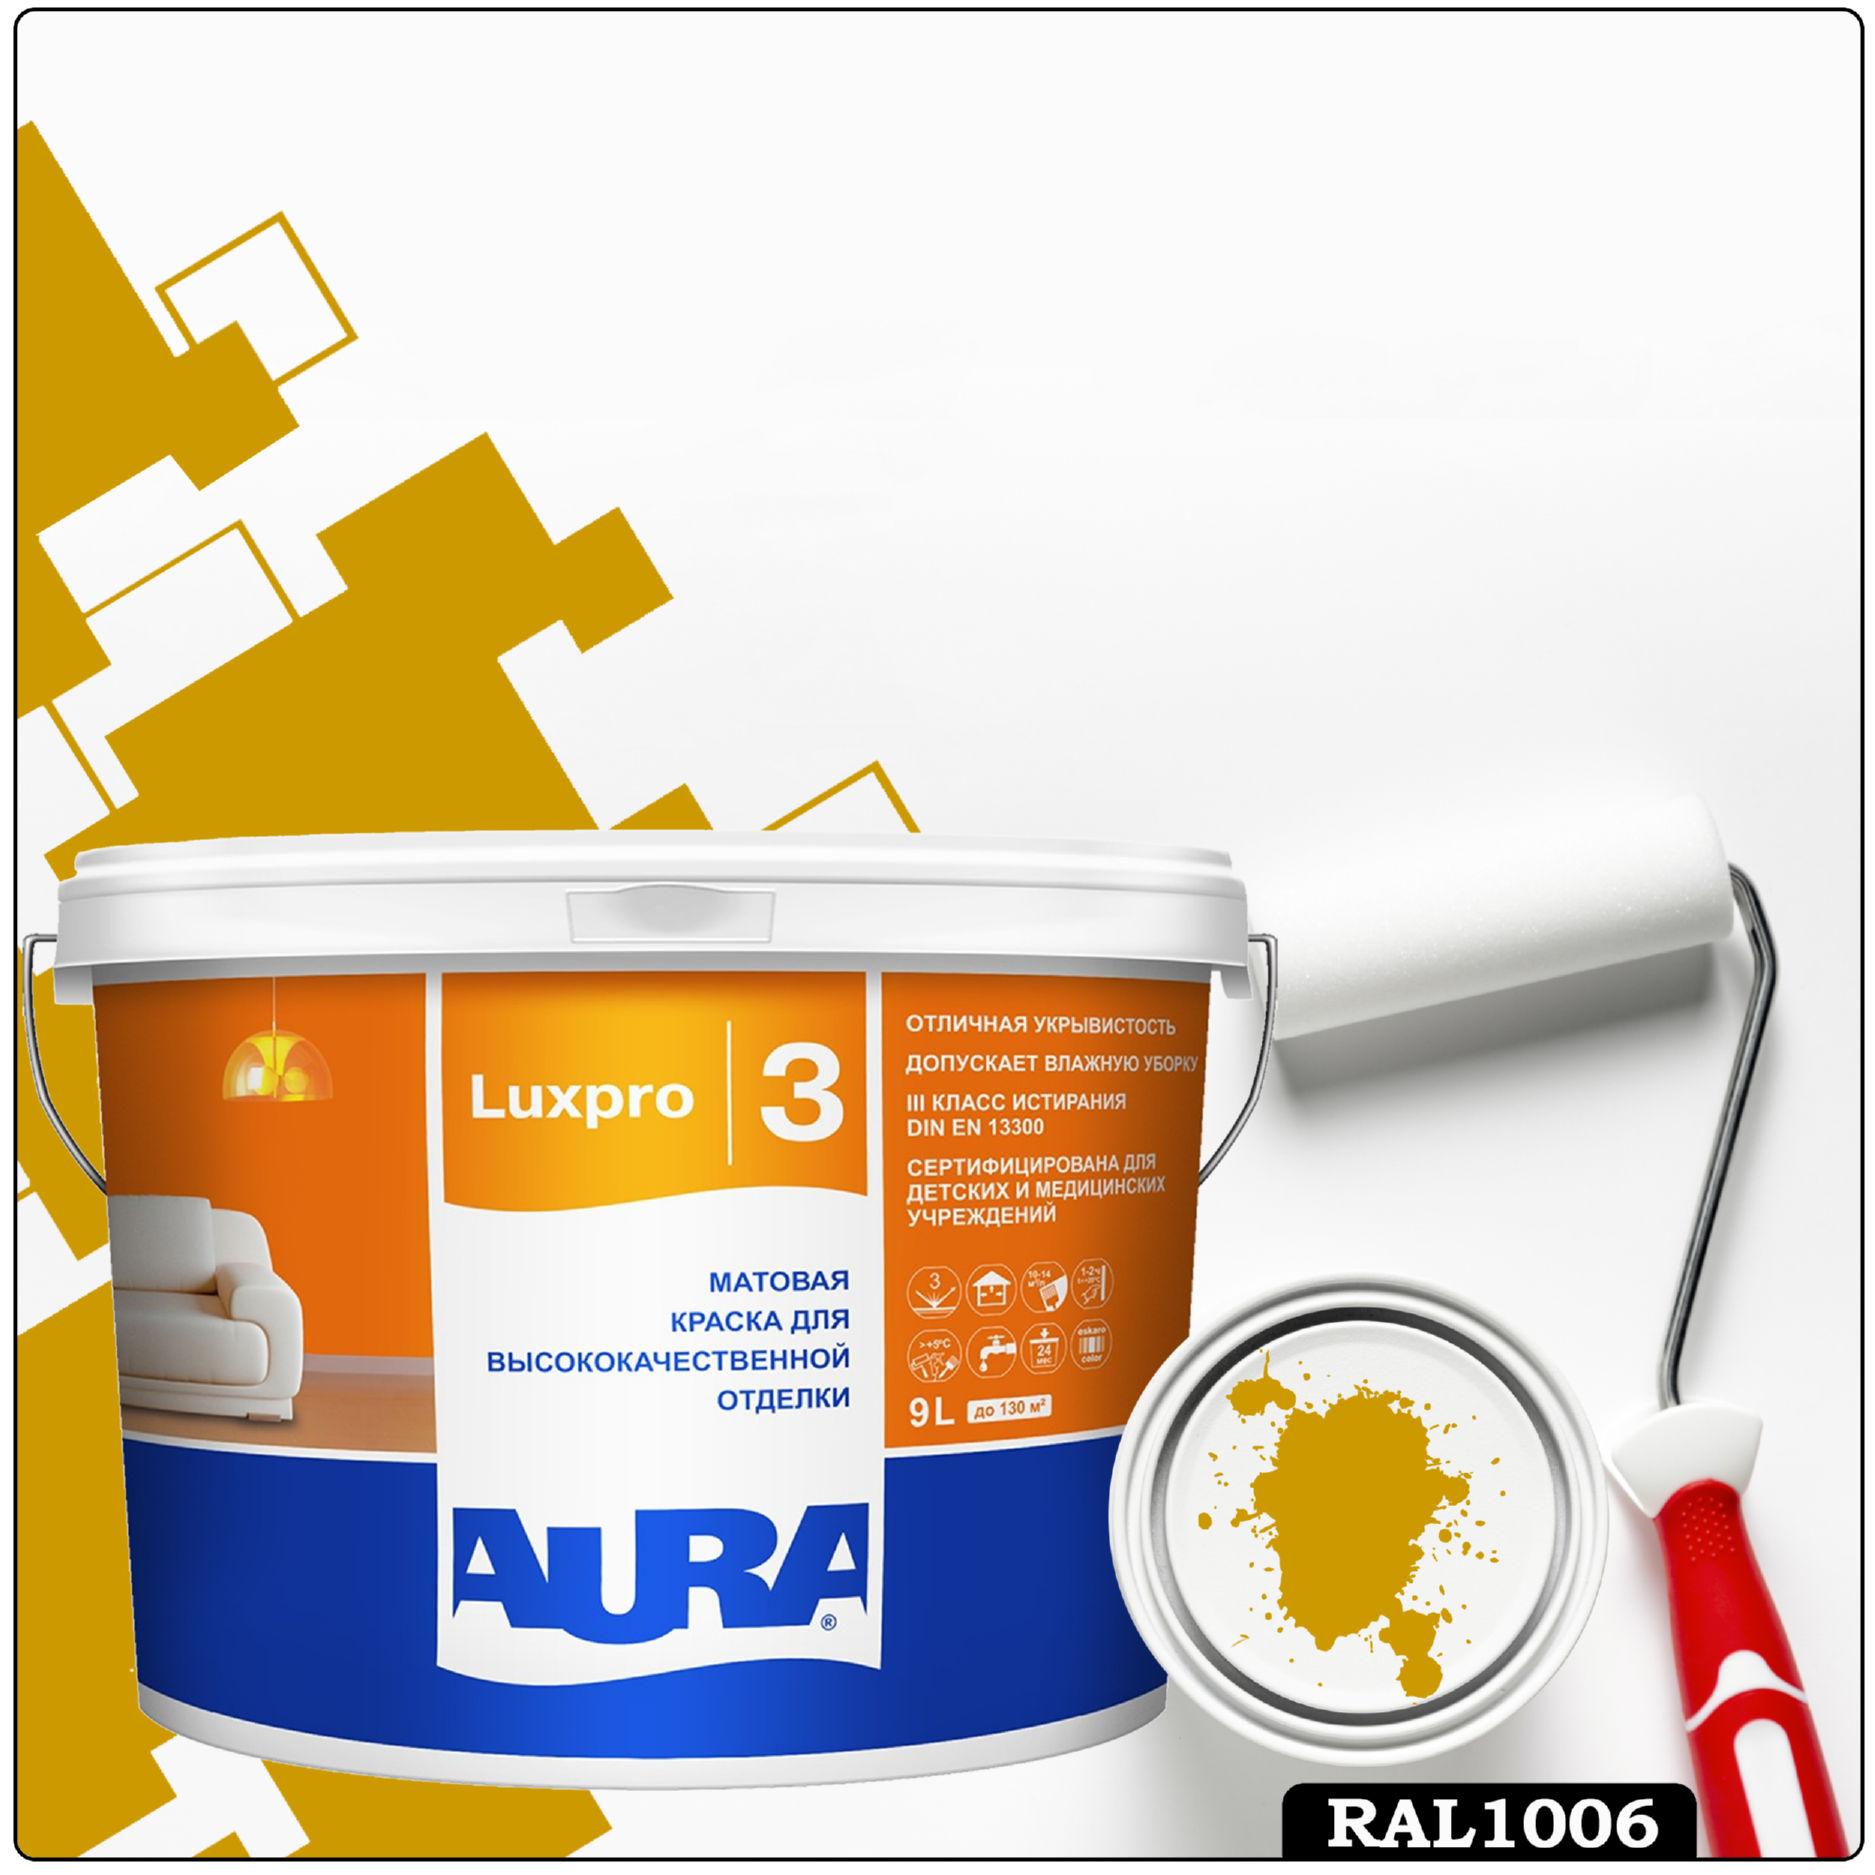 Фото 2 - Краска Aura LuxPRO 3, RAL 1006 Кукурузно-жёлтый, латексная, шелково-матовая, интерьерная, 9л, Аура.